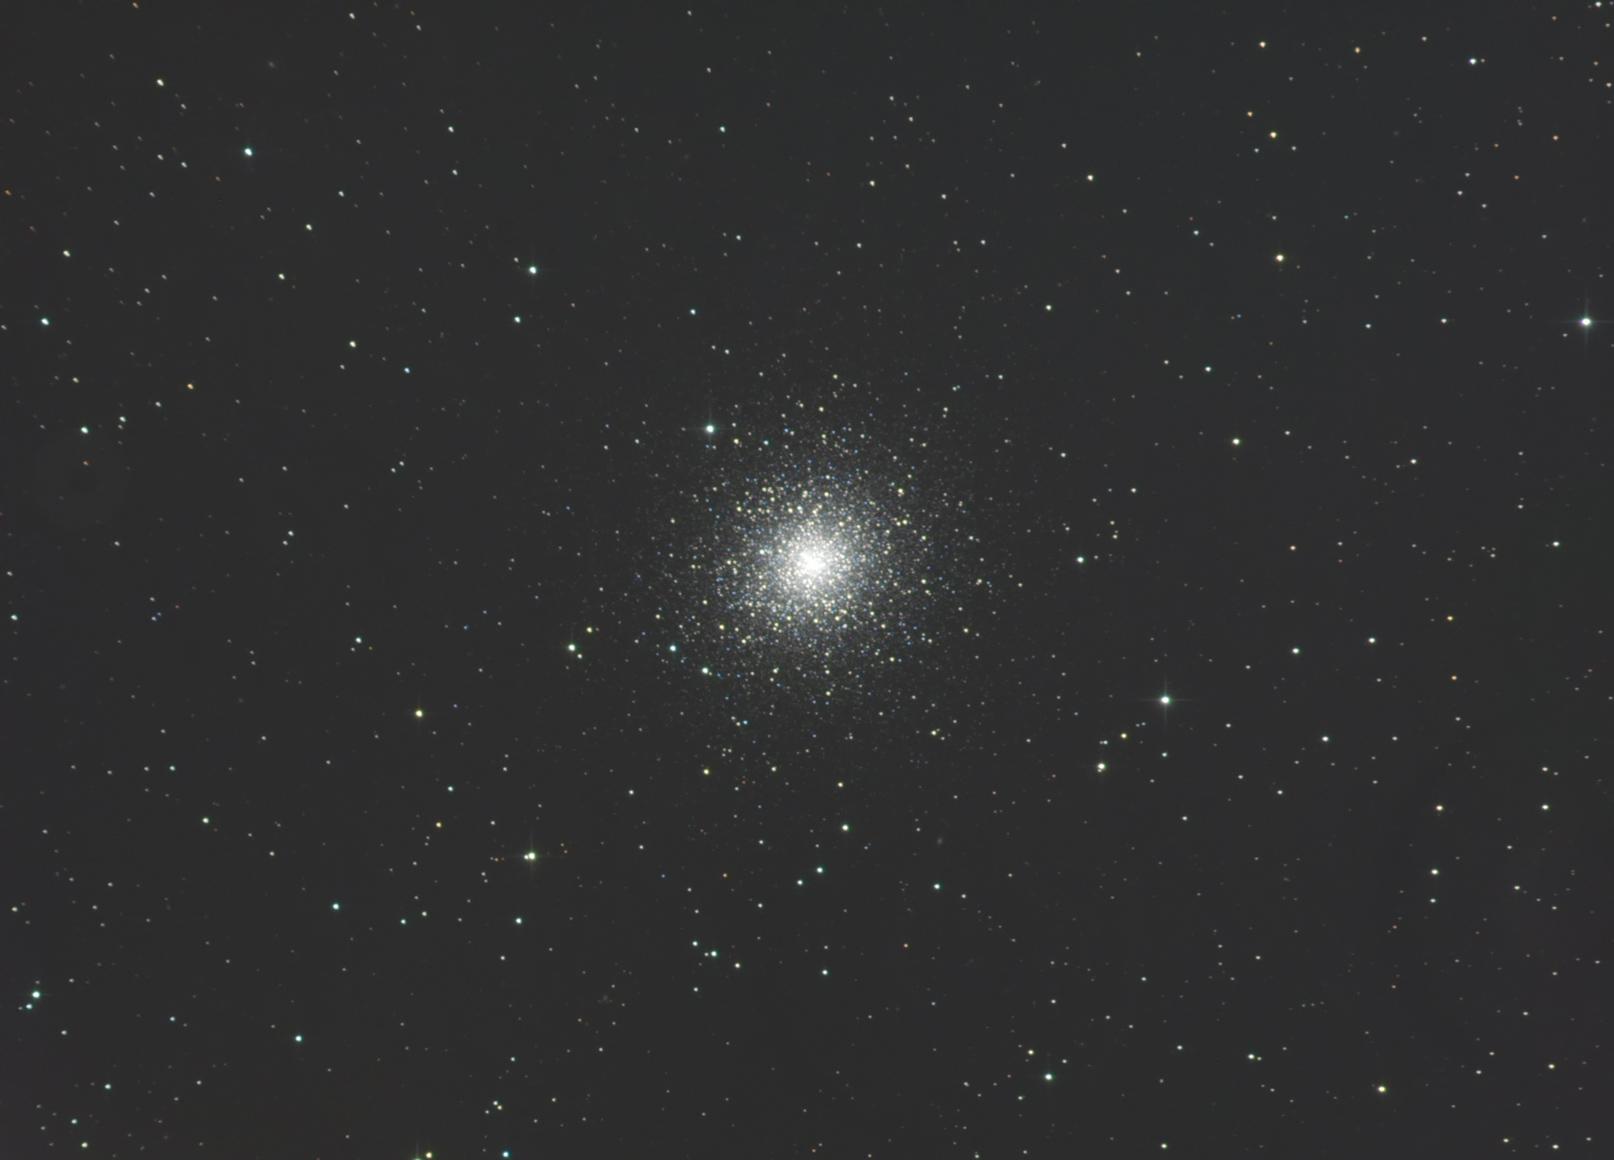 M2-lrgb.jpg